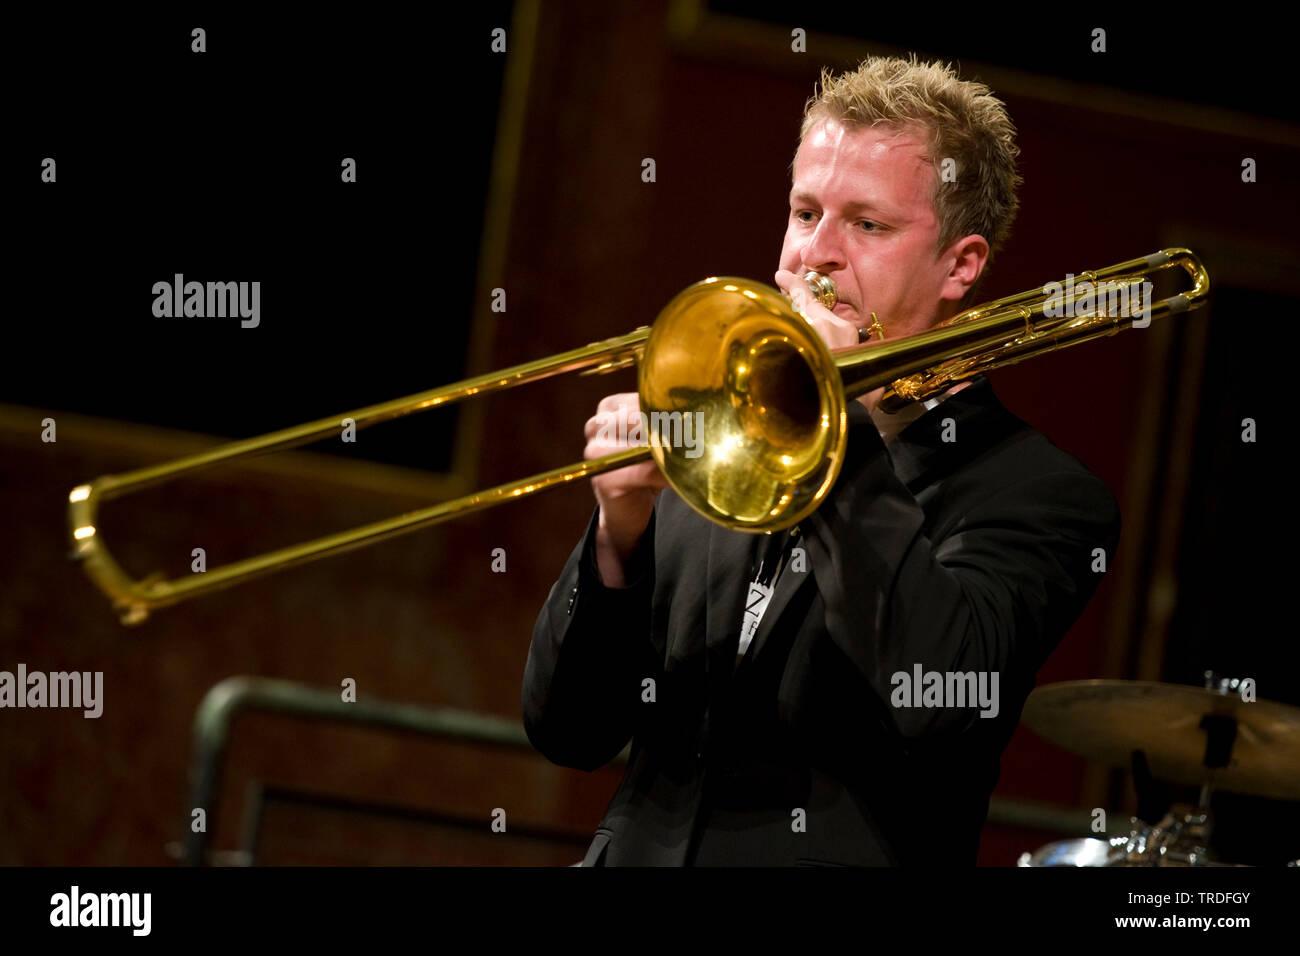 Stehender Musiker spielt auf der Tenorhorn in einem Konzertsaal | mehrere Trompeter spielen in einem Konzertsaal | BLWS 502638.jpg [(c) Blickwinkel/McPHOTO Stockbild